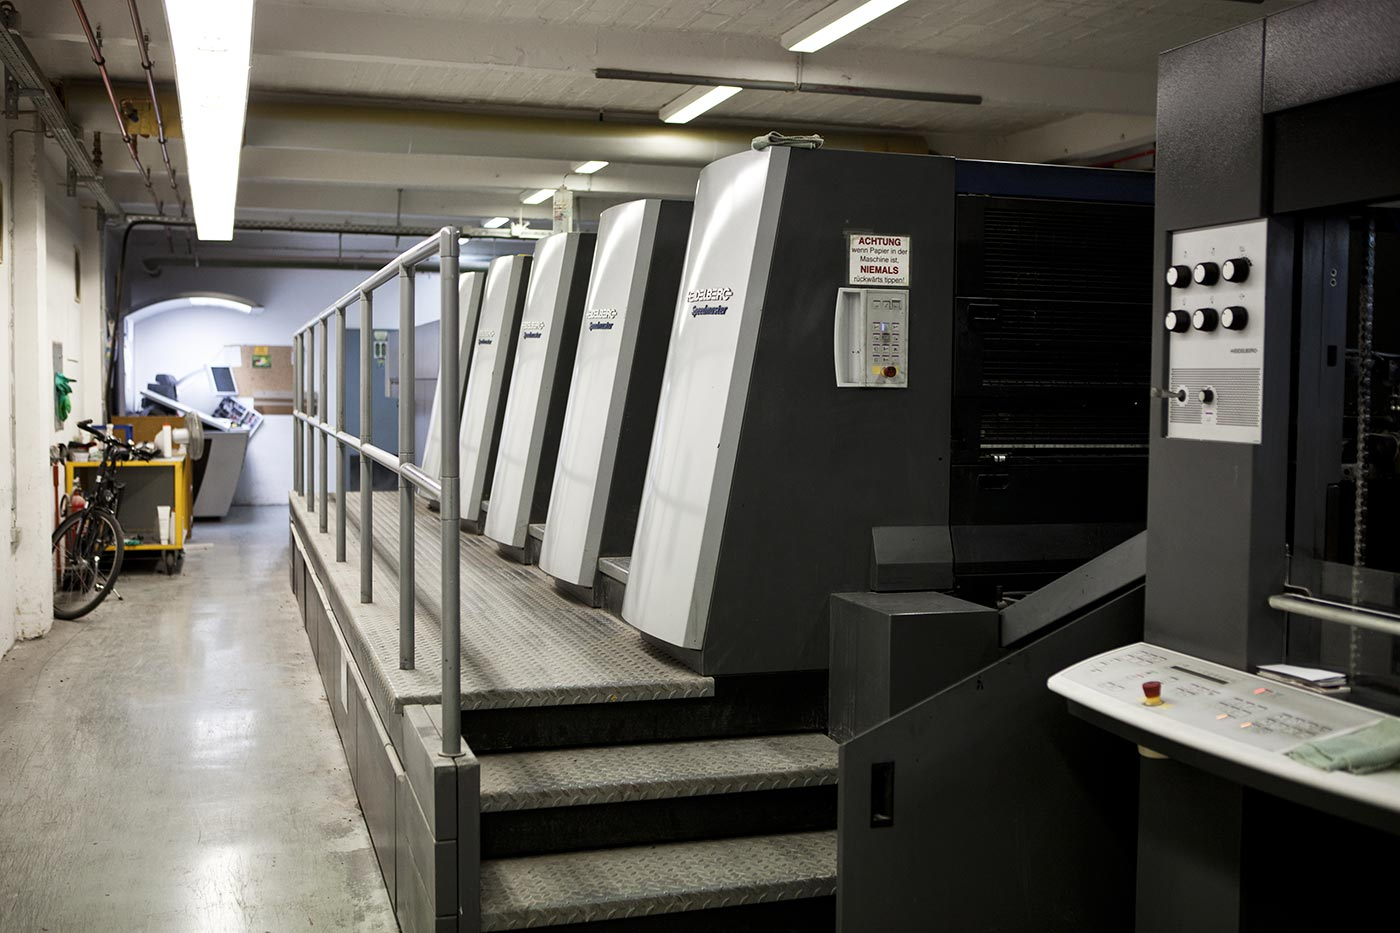 Printing at medialis, Photo by Sina Diehl